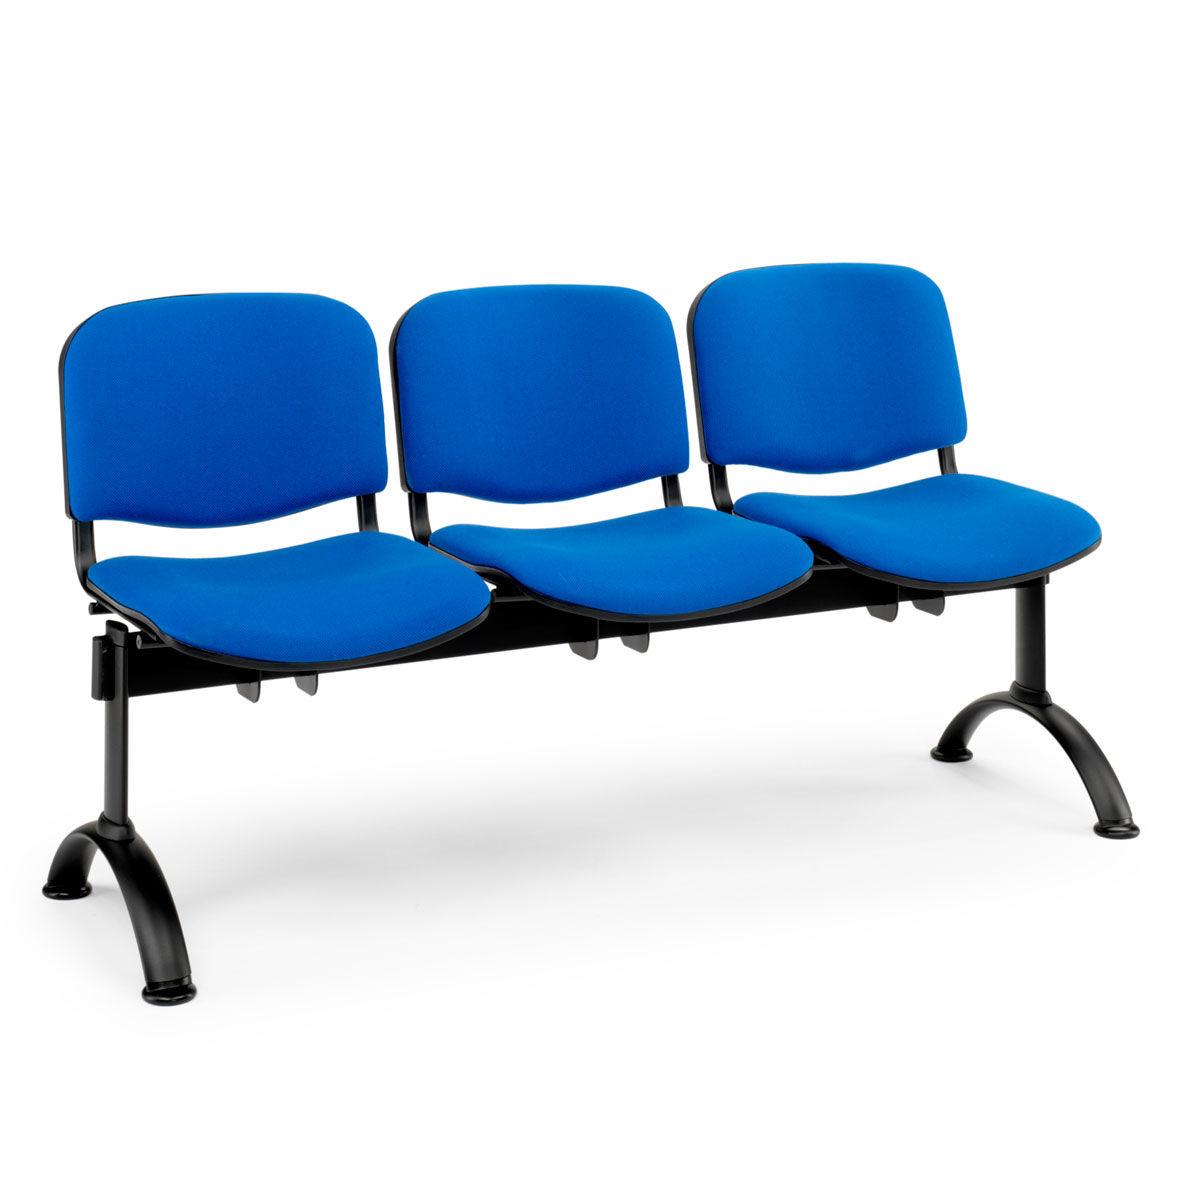 Sillas de despacho para sala de espera for Sillas para la sala